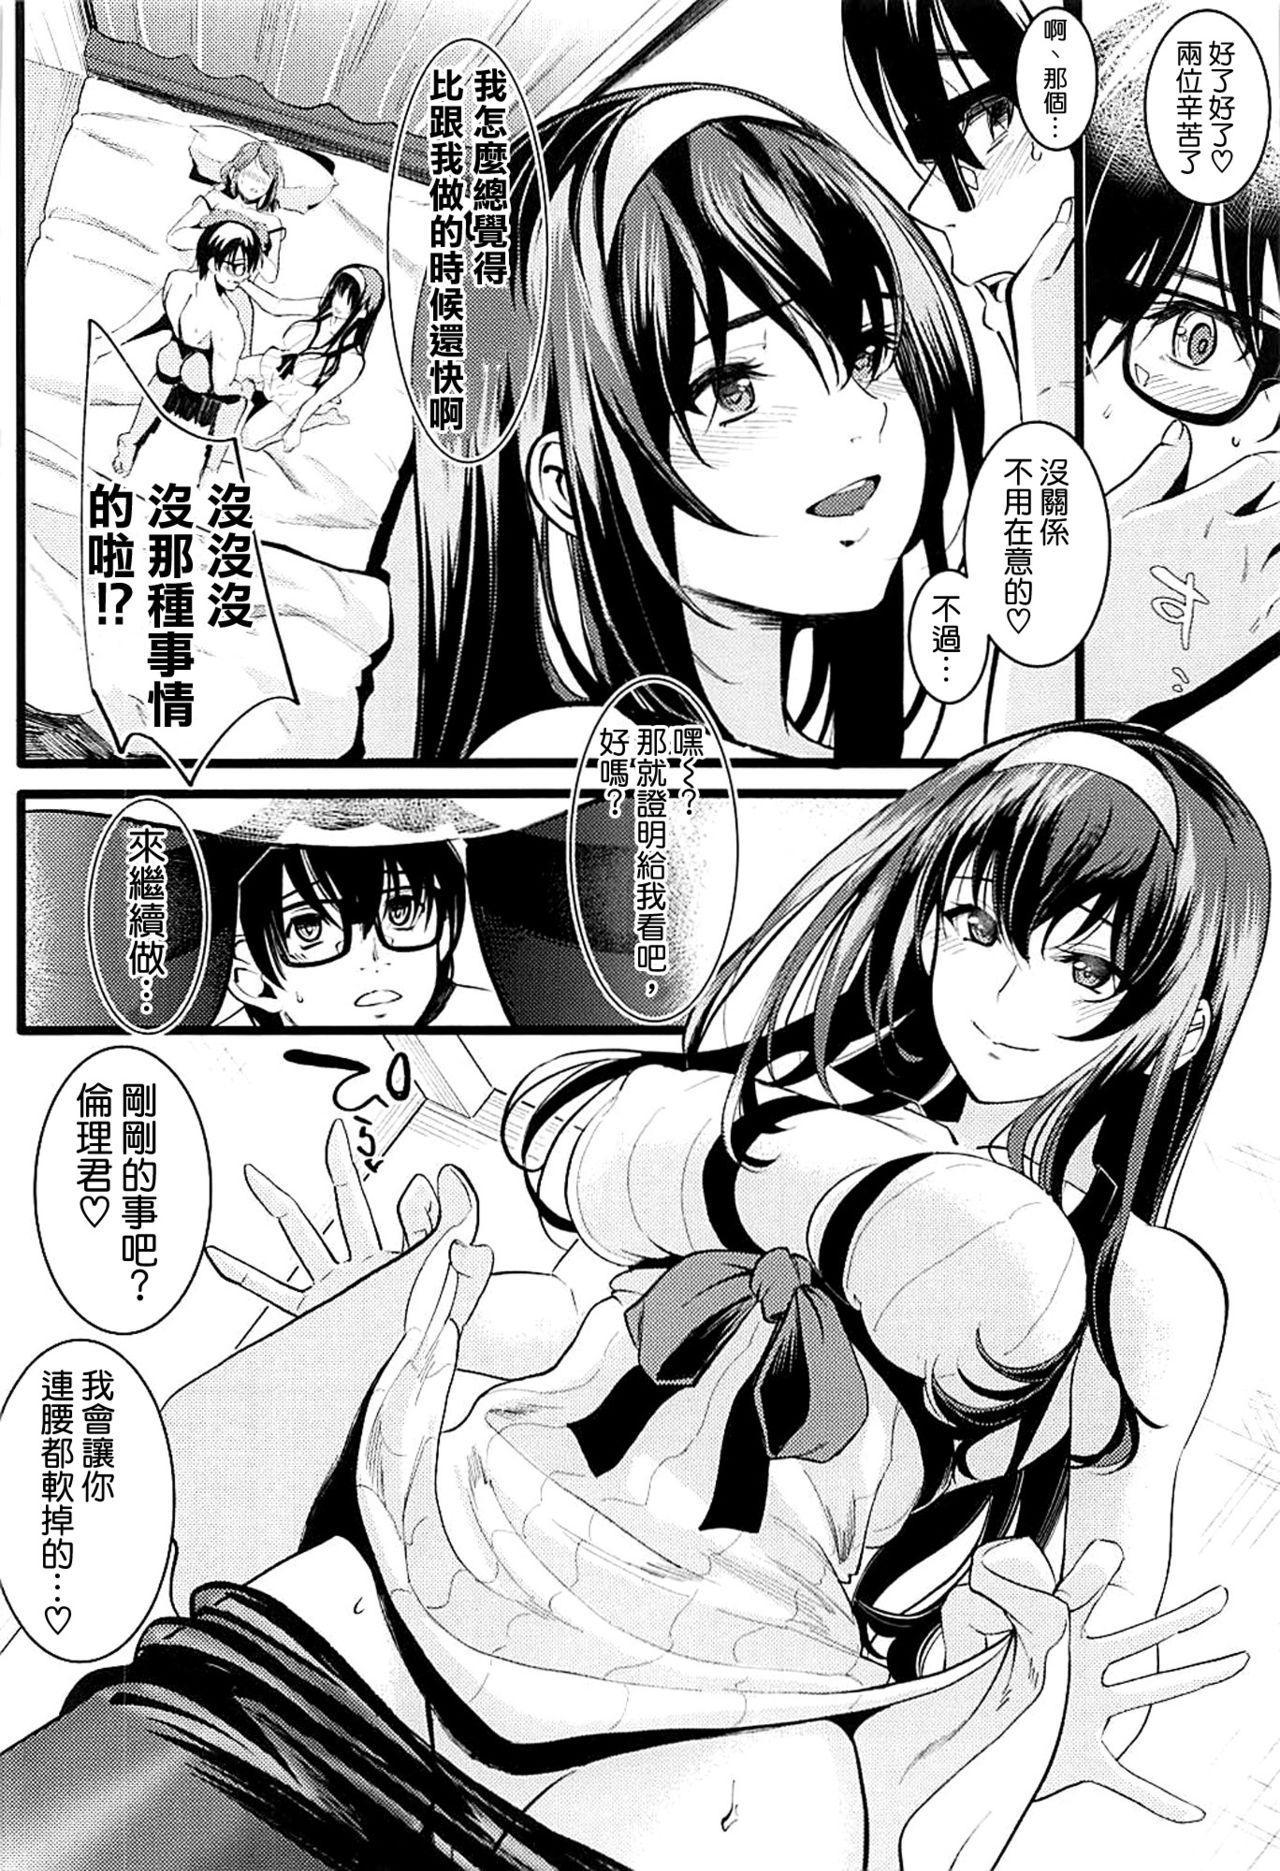 Saenai Futari no Kurashikata 2 23